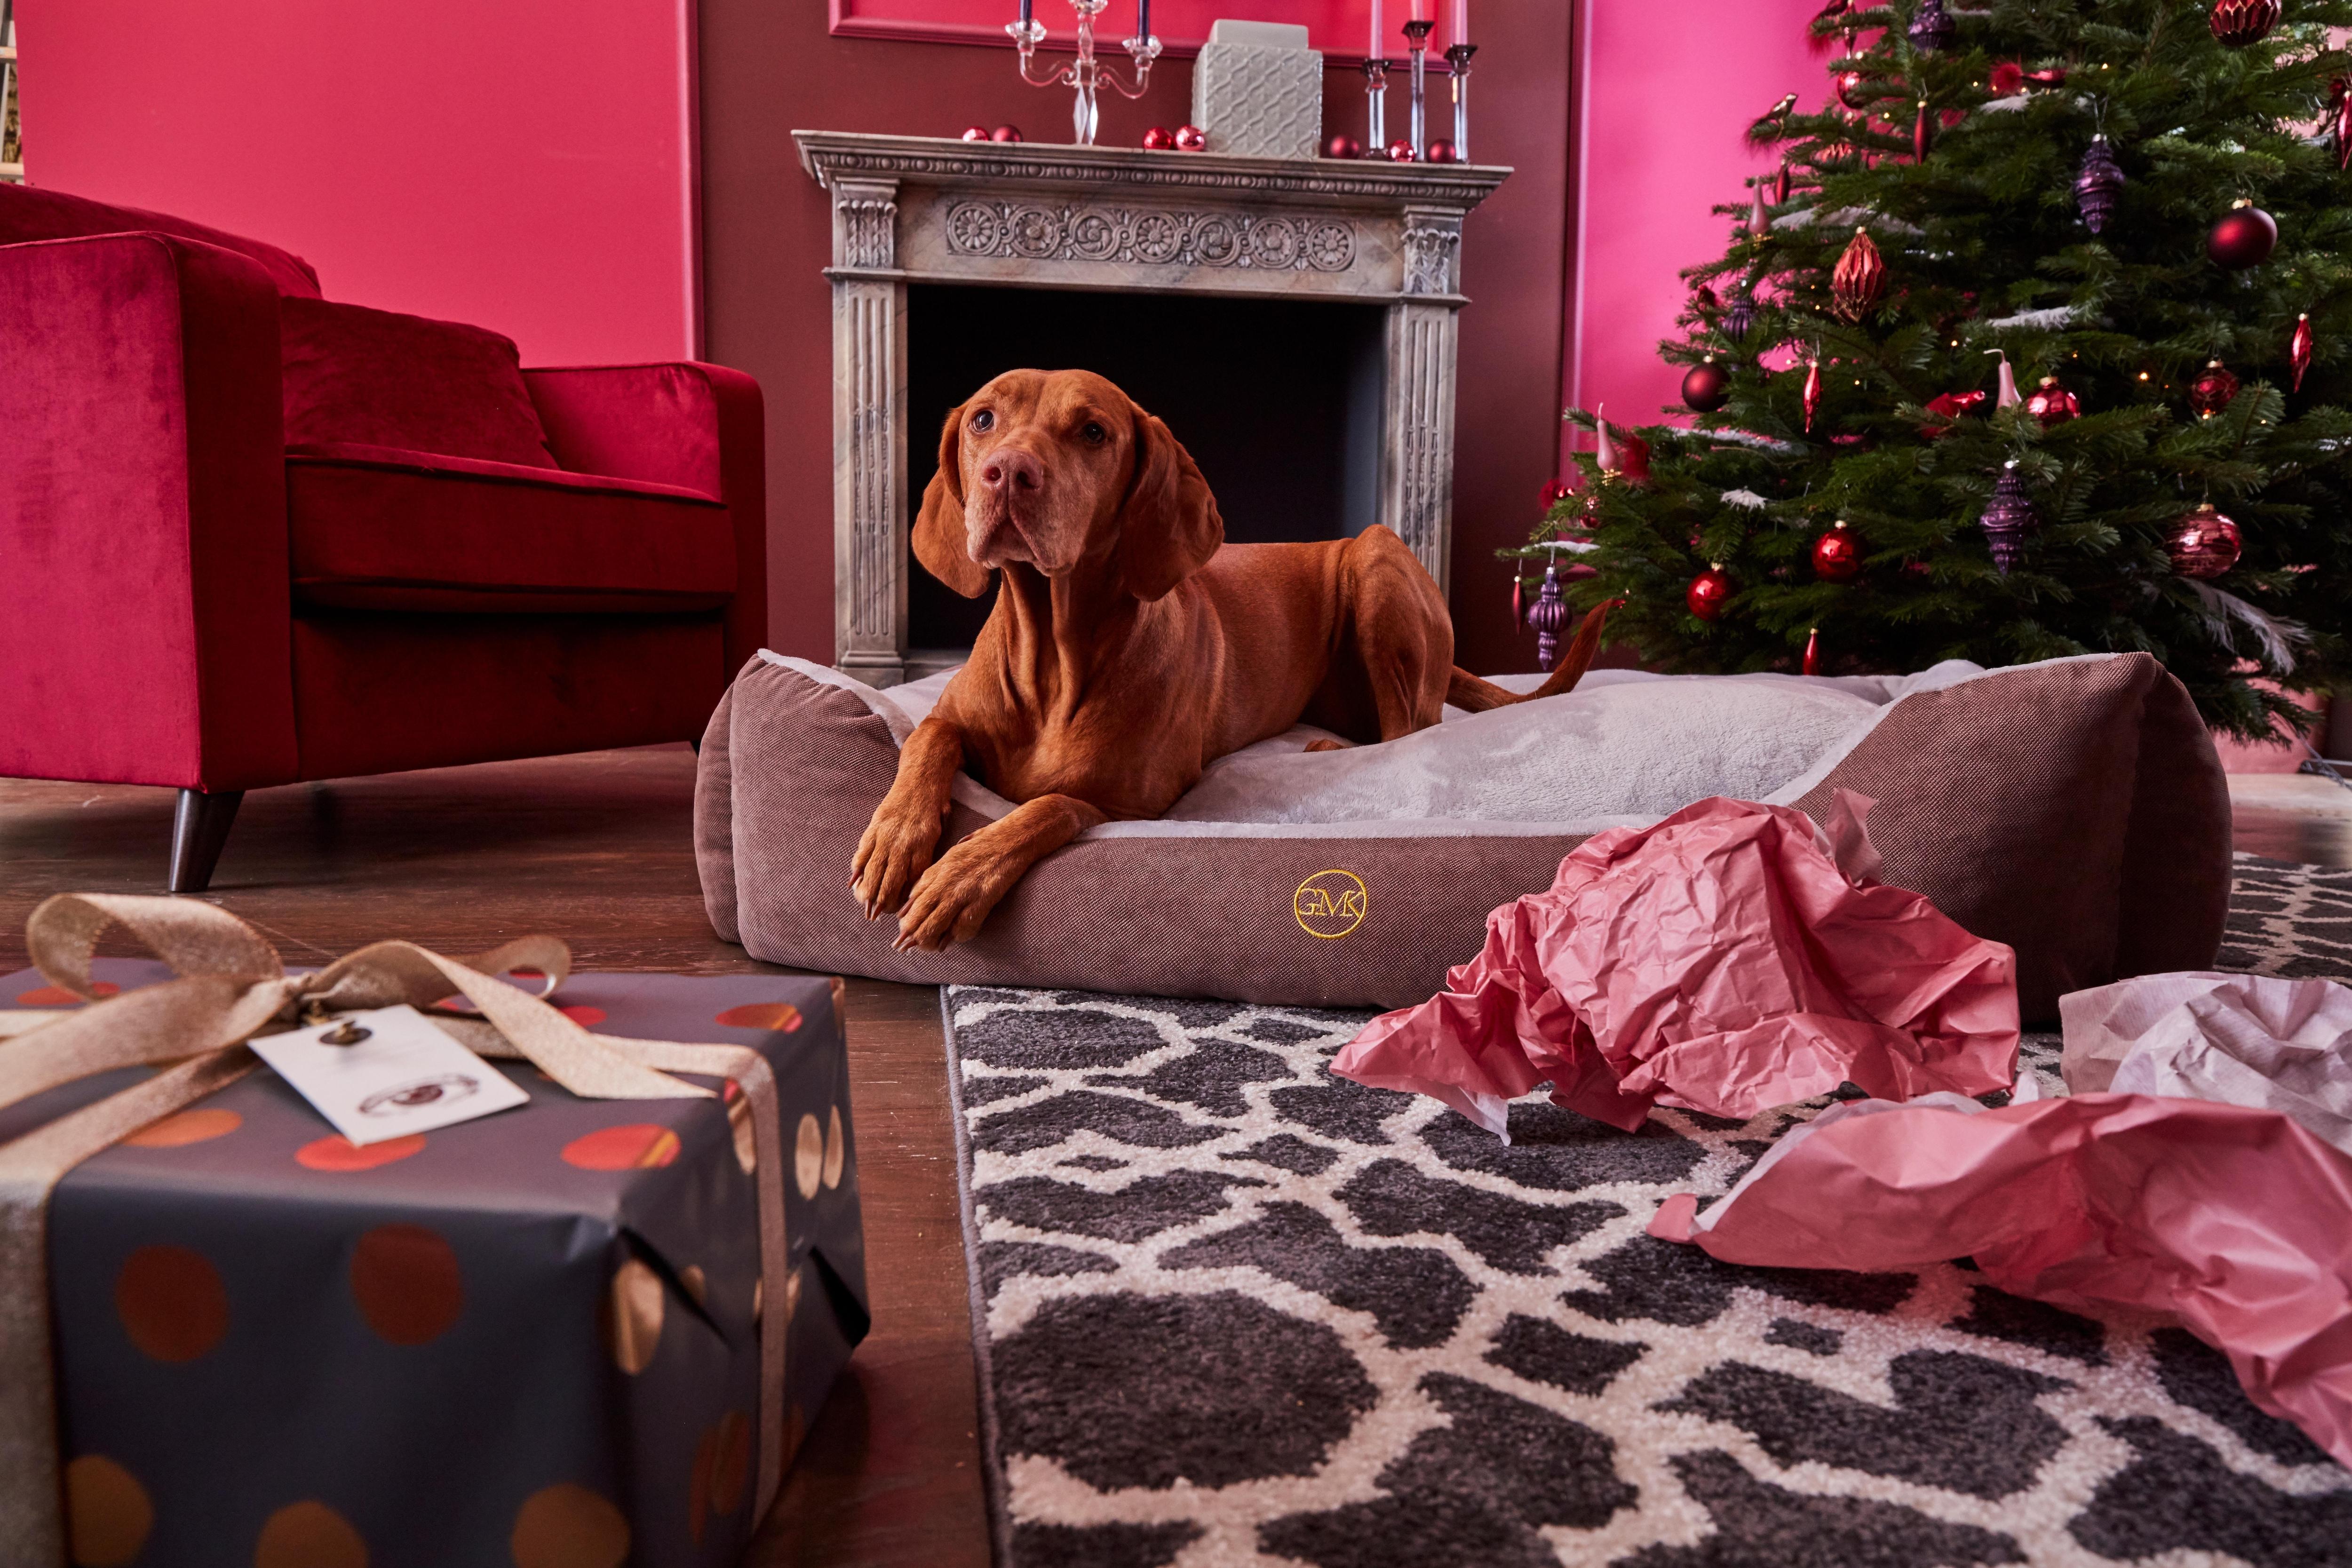 Hundebett, »Guido«, GMK Home & Living   Garten > Tiermöbel > Hundekörbe-Hundebetten   Wo - Polyester   GUIDO MARIA KRETSCHMER HOME & LIVING